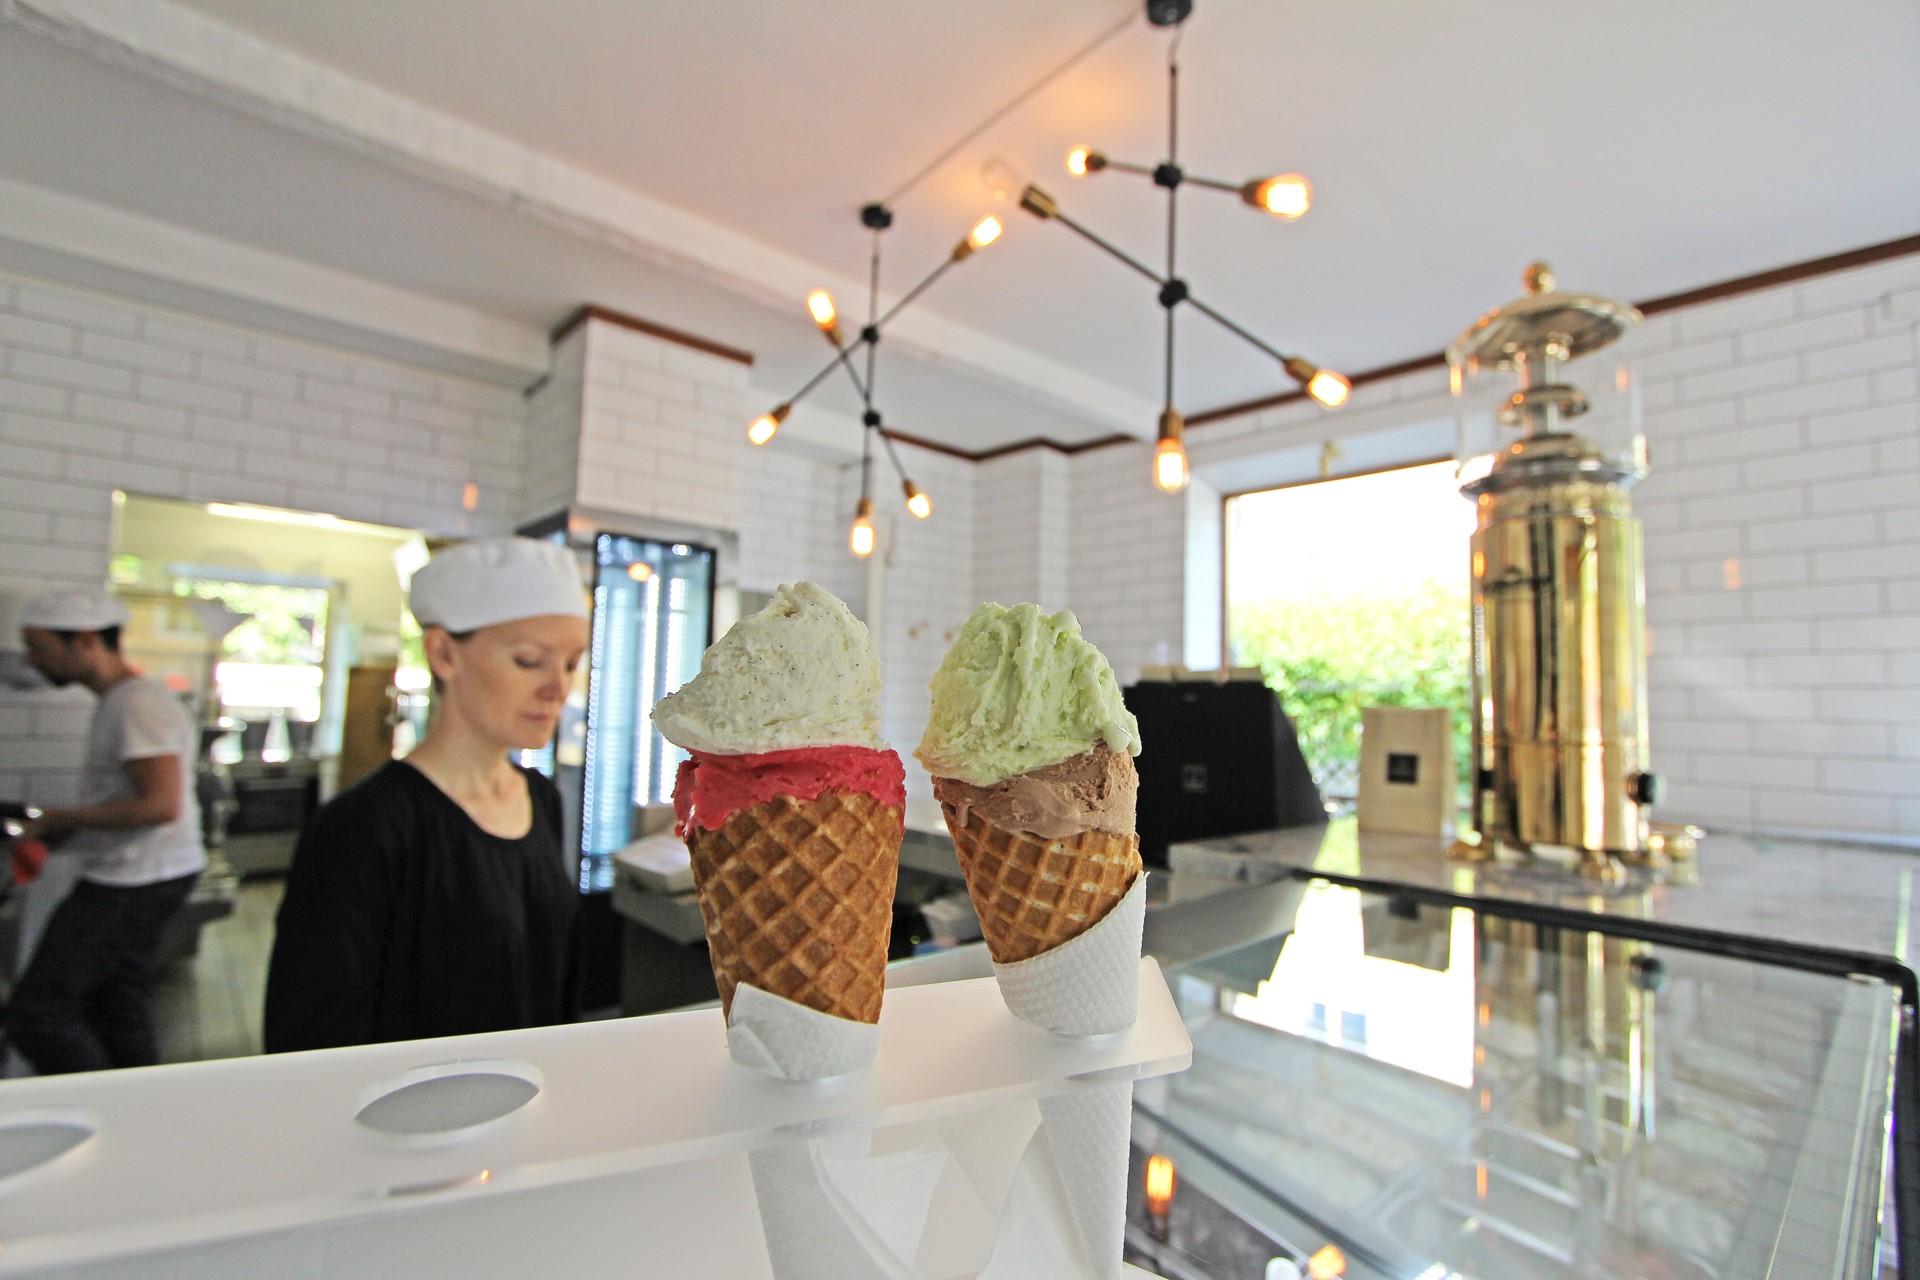 Stans bästa glass inom promenadavstånd